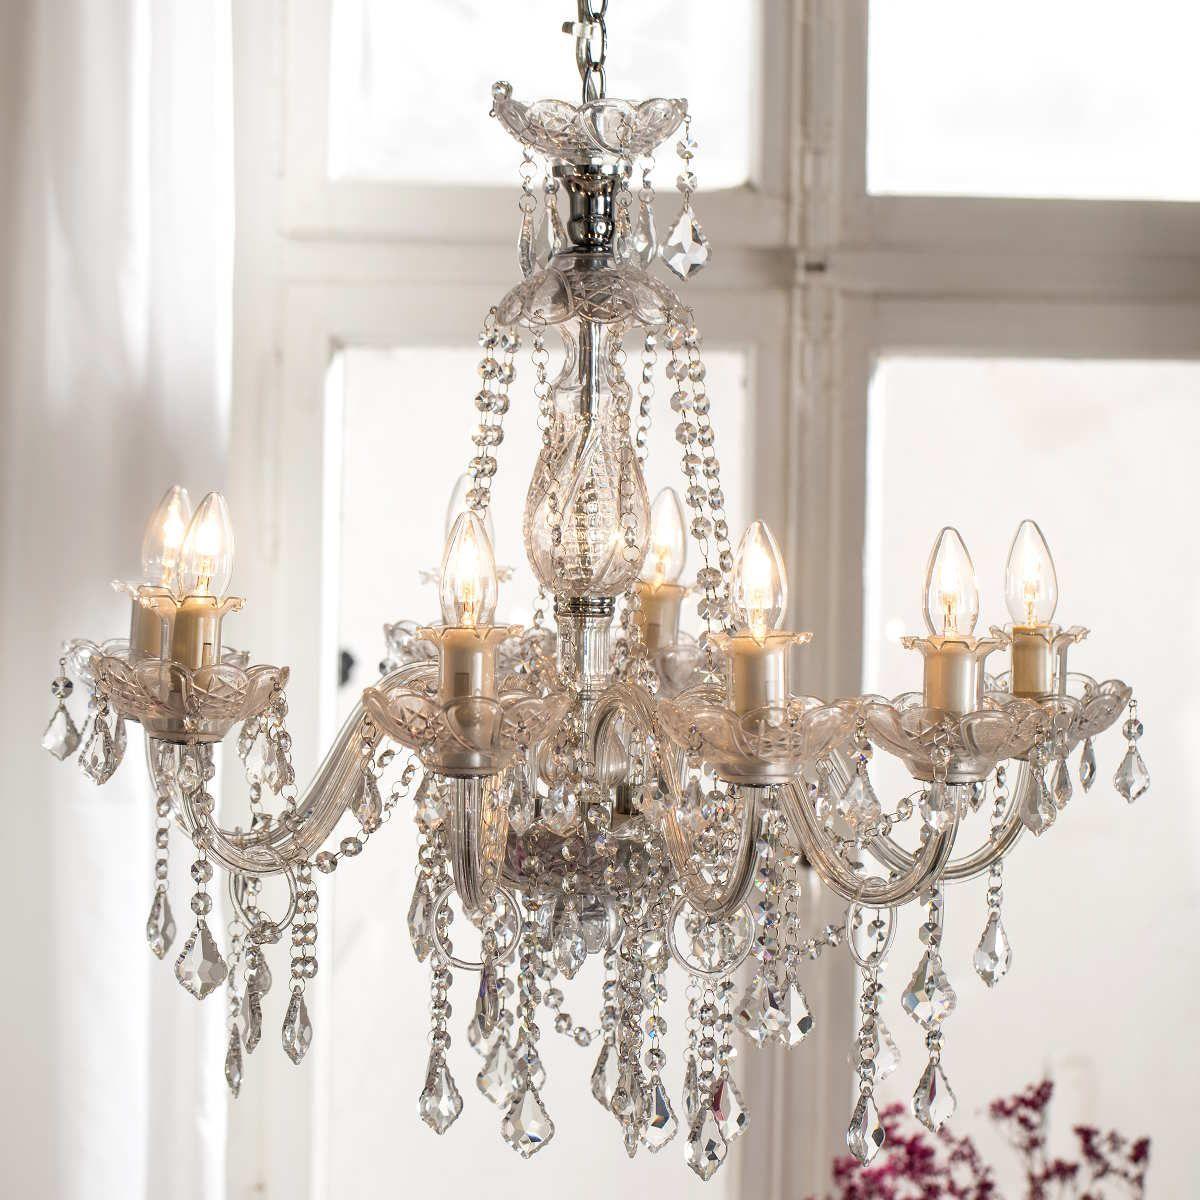 luxury lux ist das luxurise highlight im wohnzimmer in der diele im schlafzimmer und besonders angesagt ber dem esstisch der geschwungene kronleu - Beleuchtung Wohnzimmer Lux